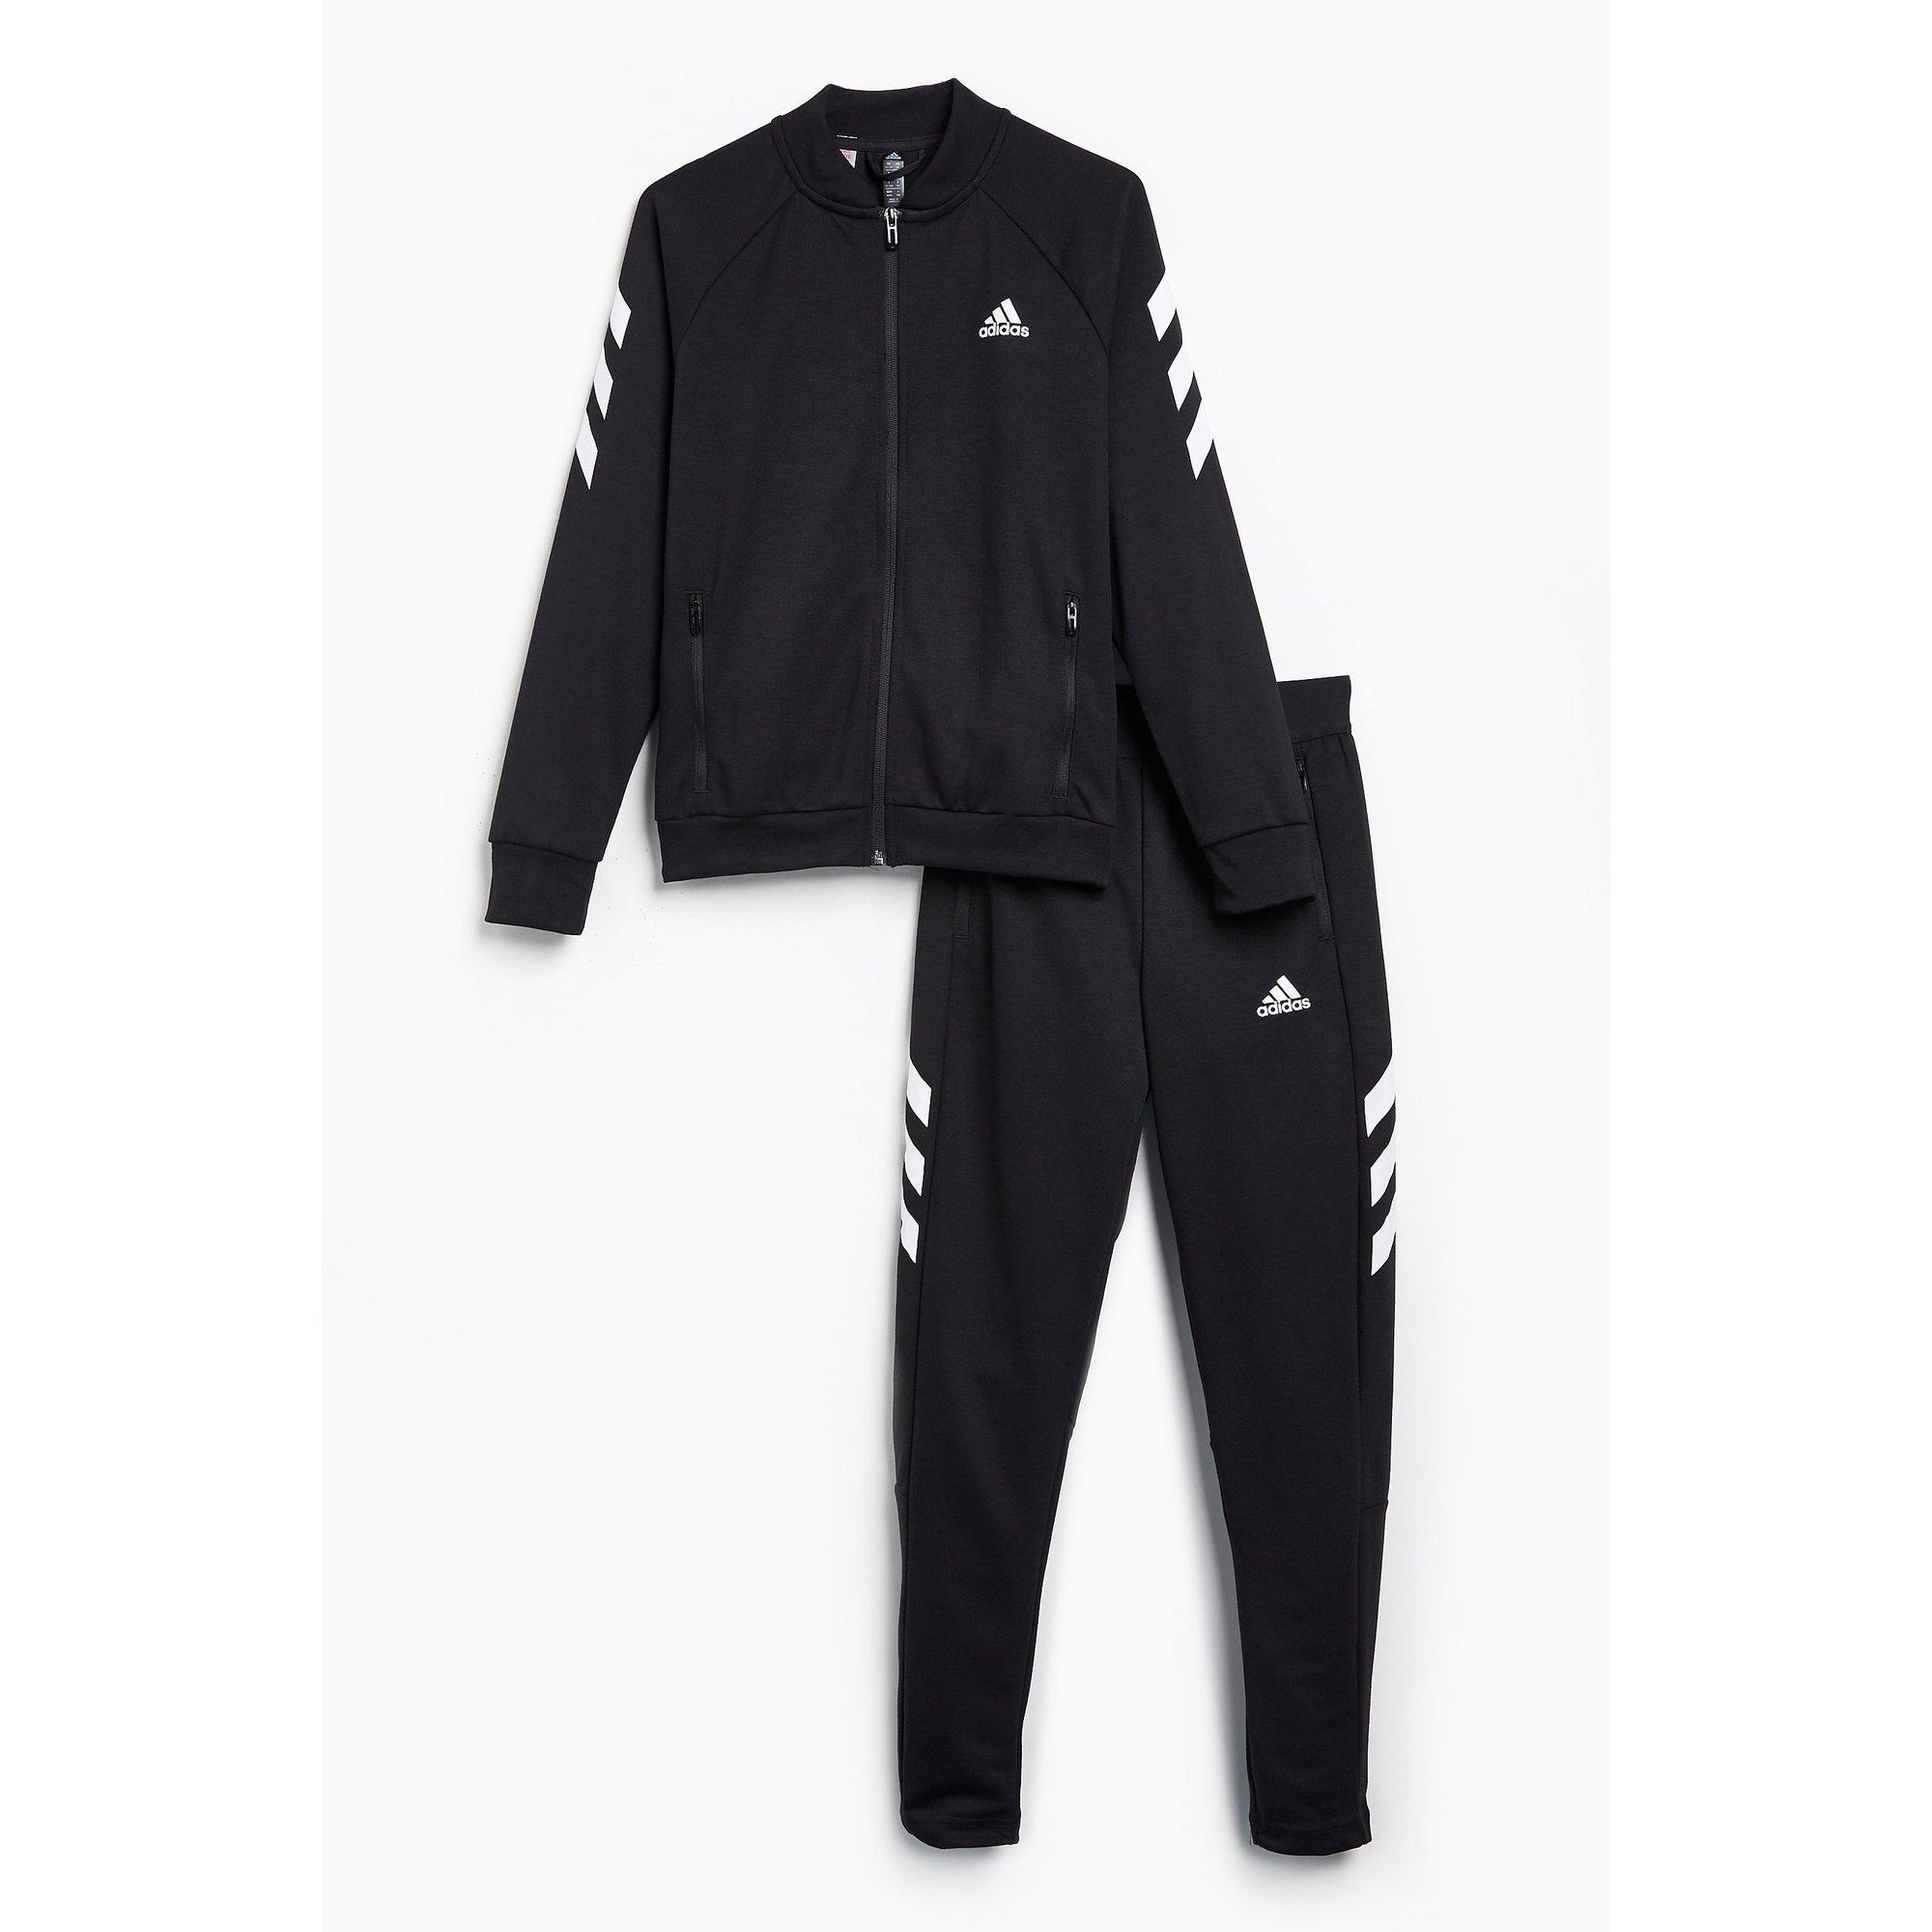 Image of Boys adidas XFG Black Tracksuit